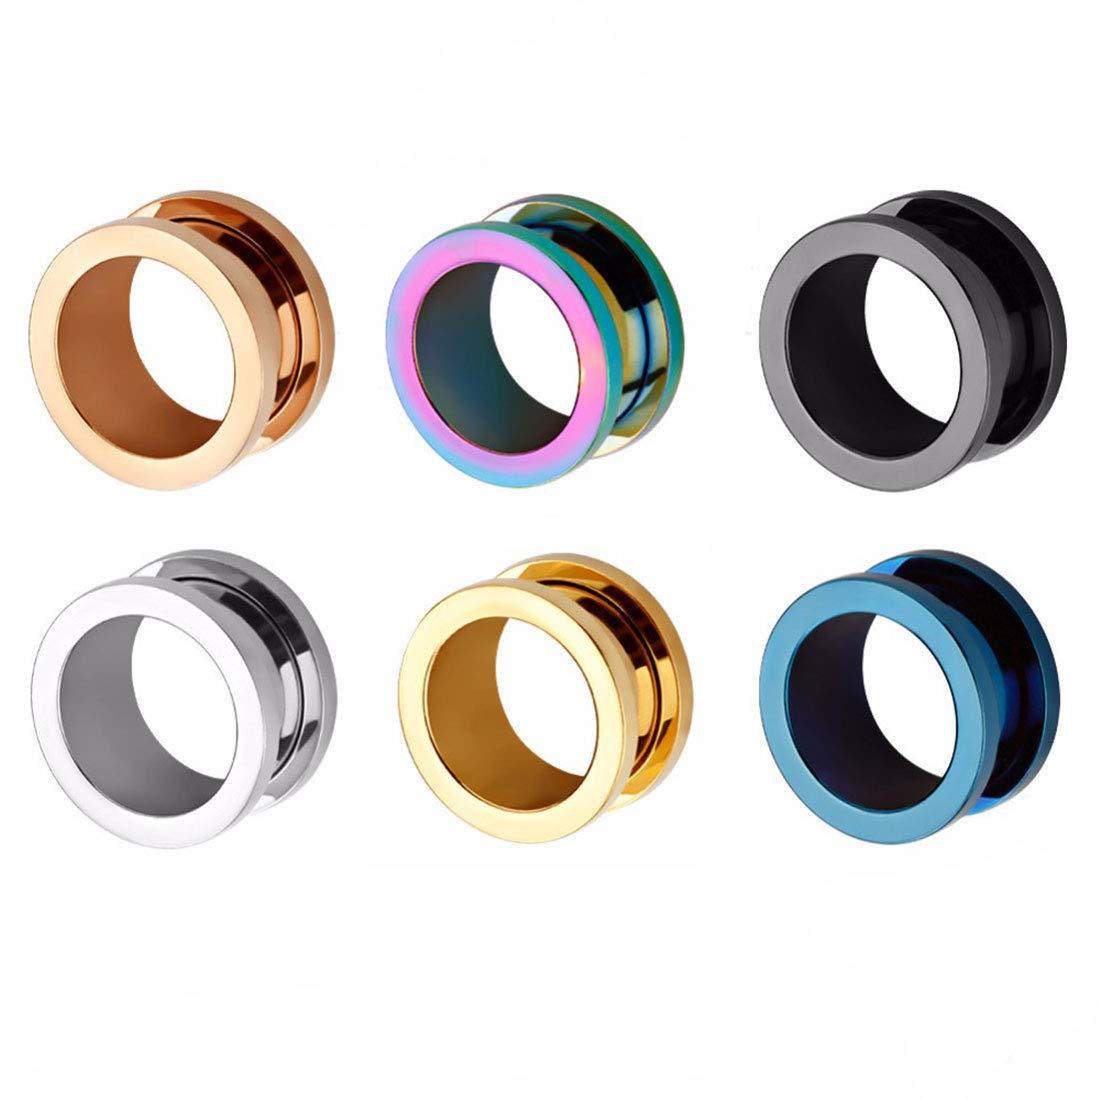 HuaCan 12 Piezas Expansores de Túnel de Oreja Dilatadores Dilatación Ear Plug Piercing Joyas con Borde de Acero Quirurgico Inoxidable Gauge 6-20 mm: ...